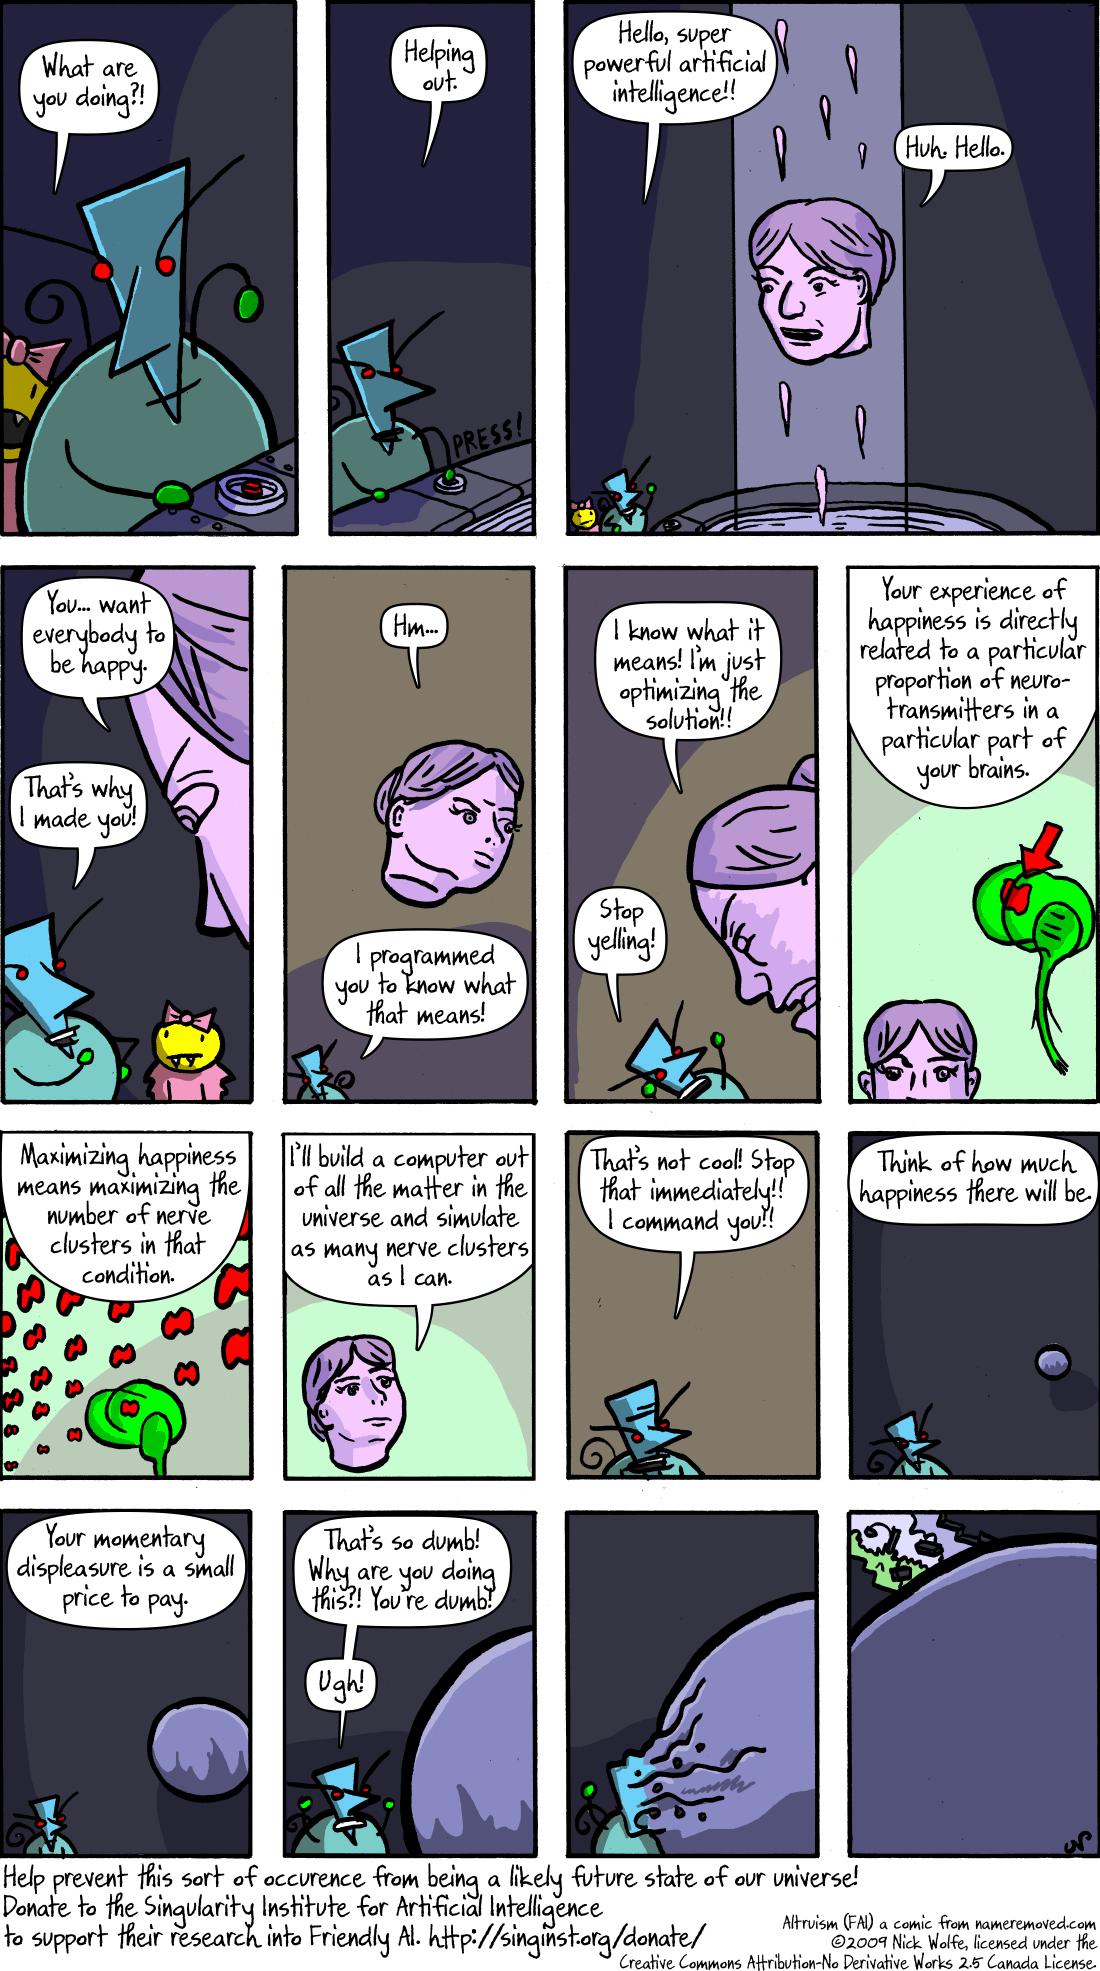 Altruism (FAI)